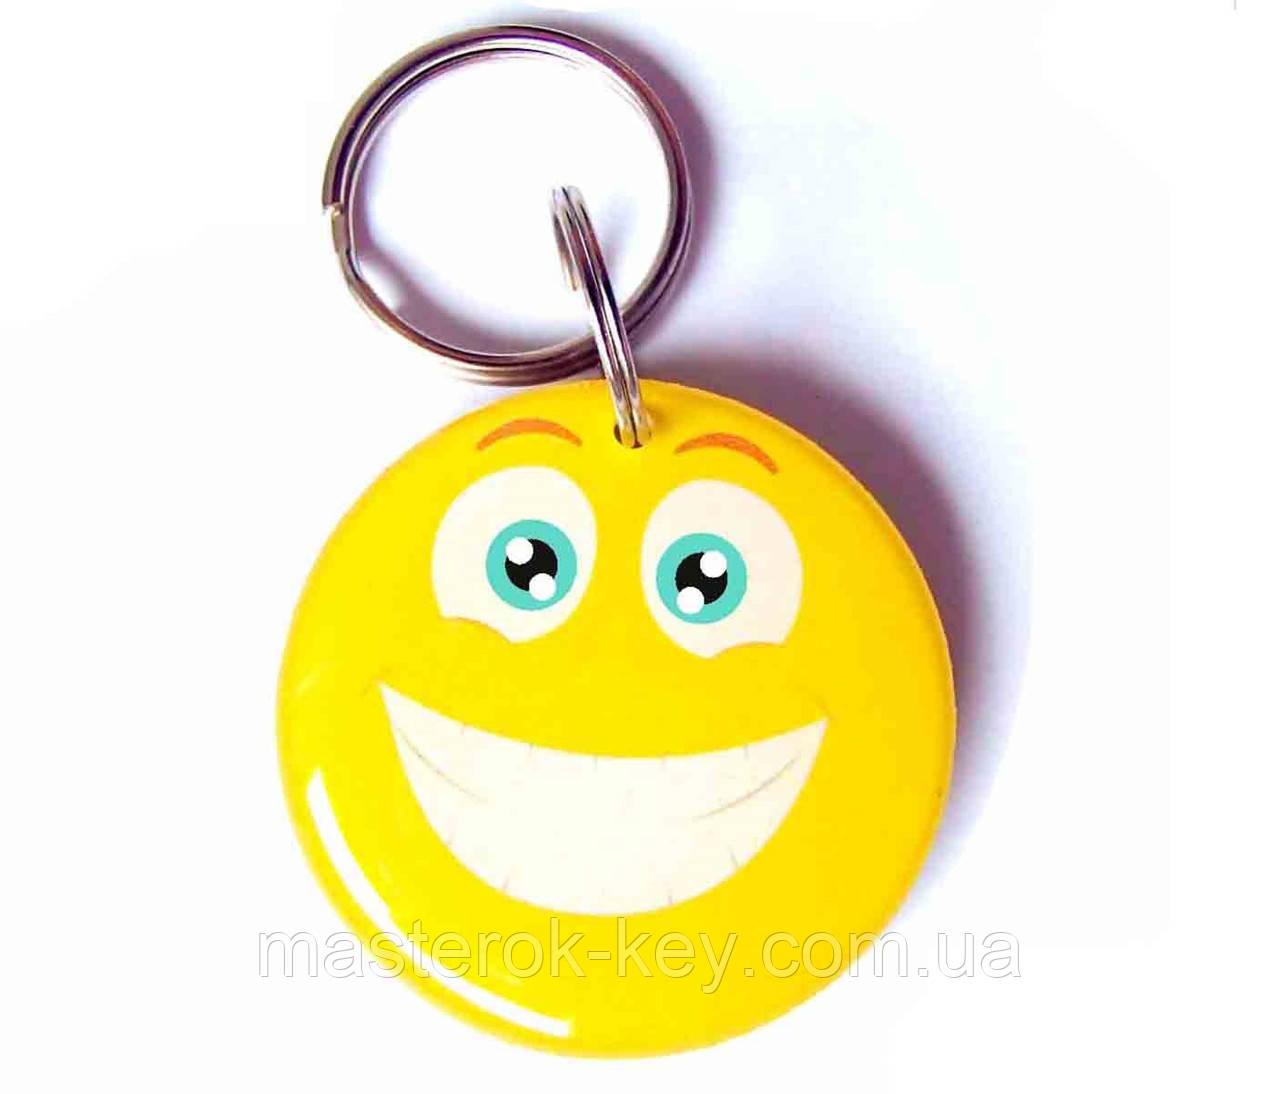 Заготовка ключа для домофона RFID 5577 перезаписываемая Смайлик d35 13694